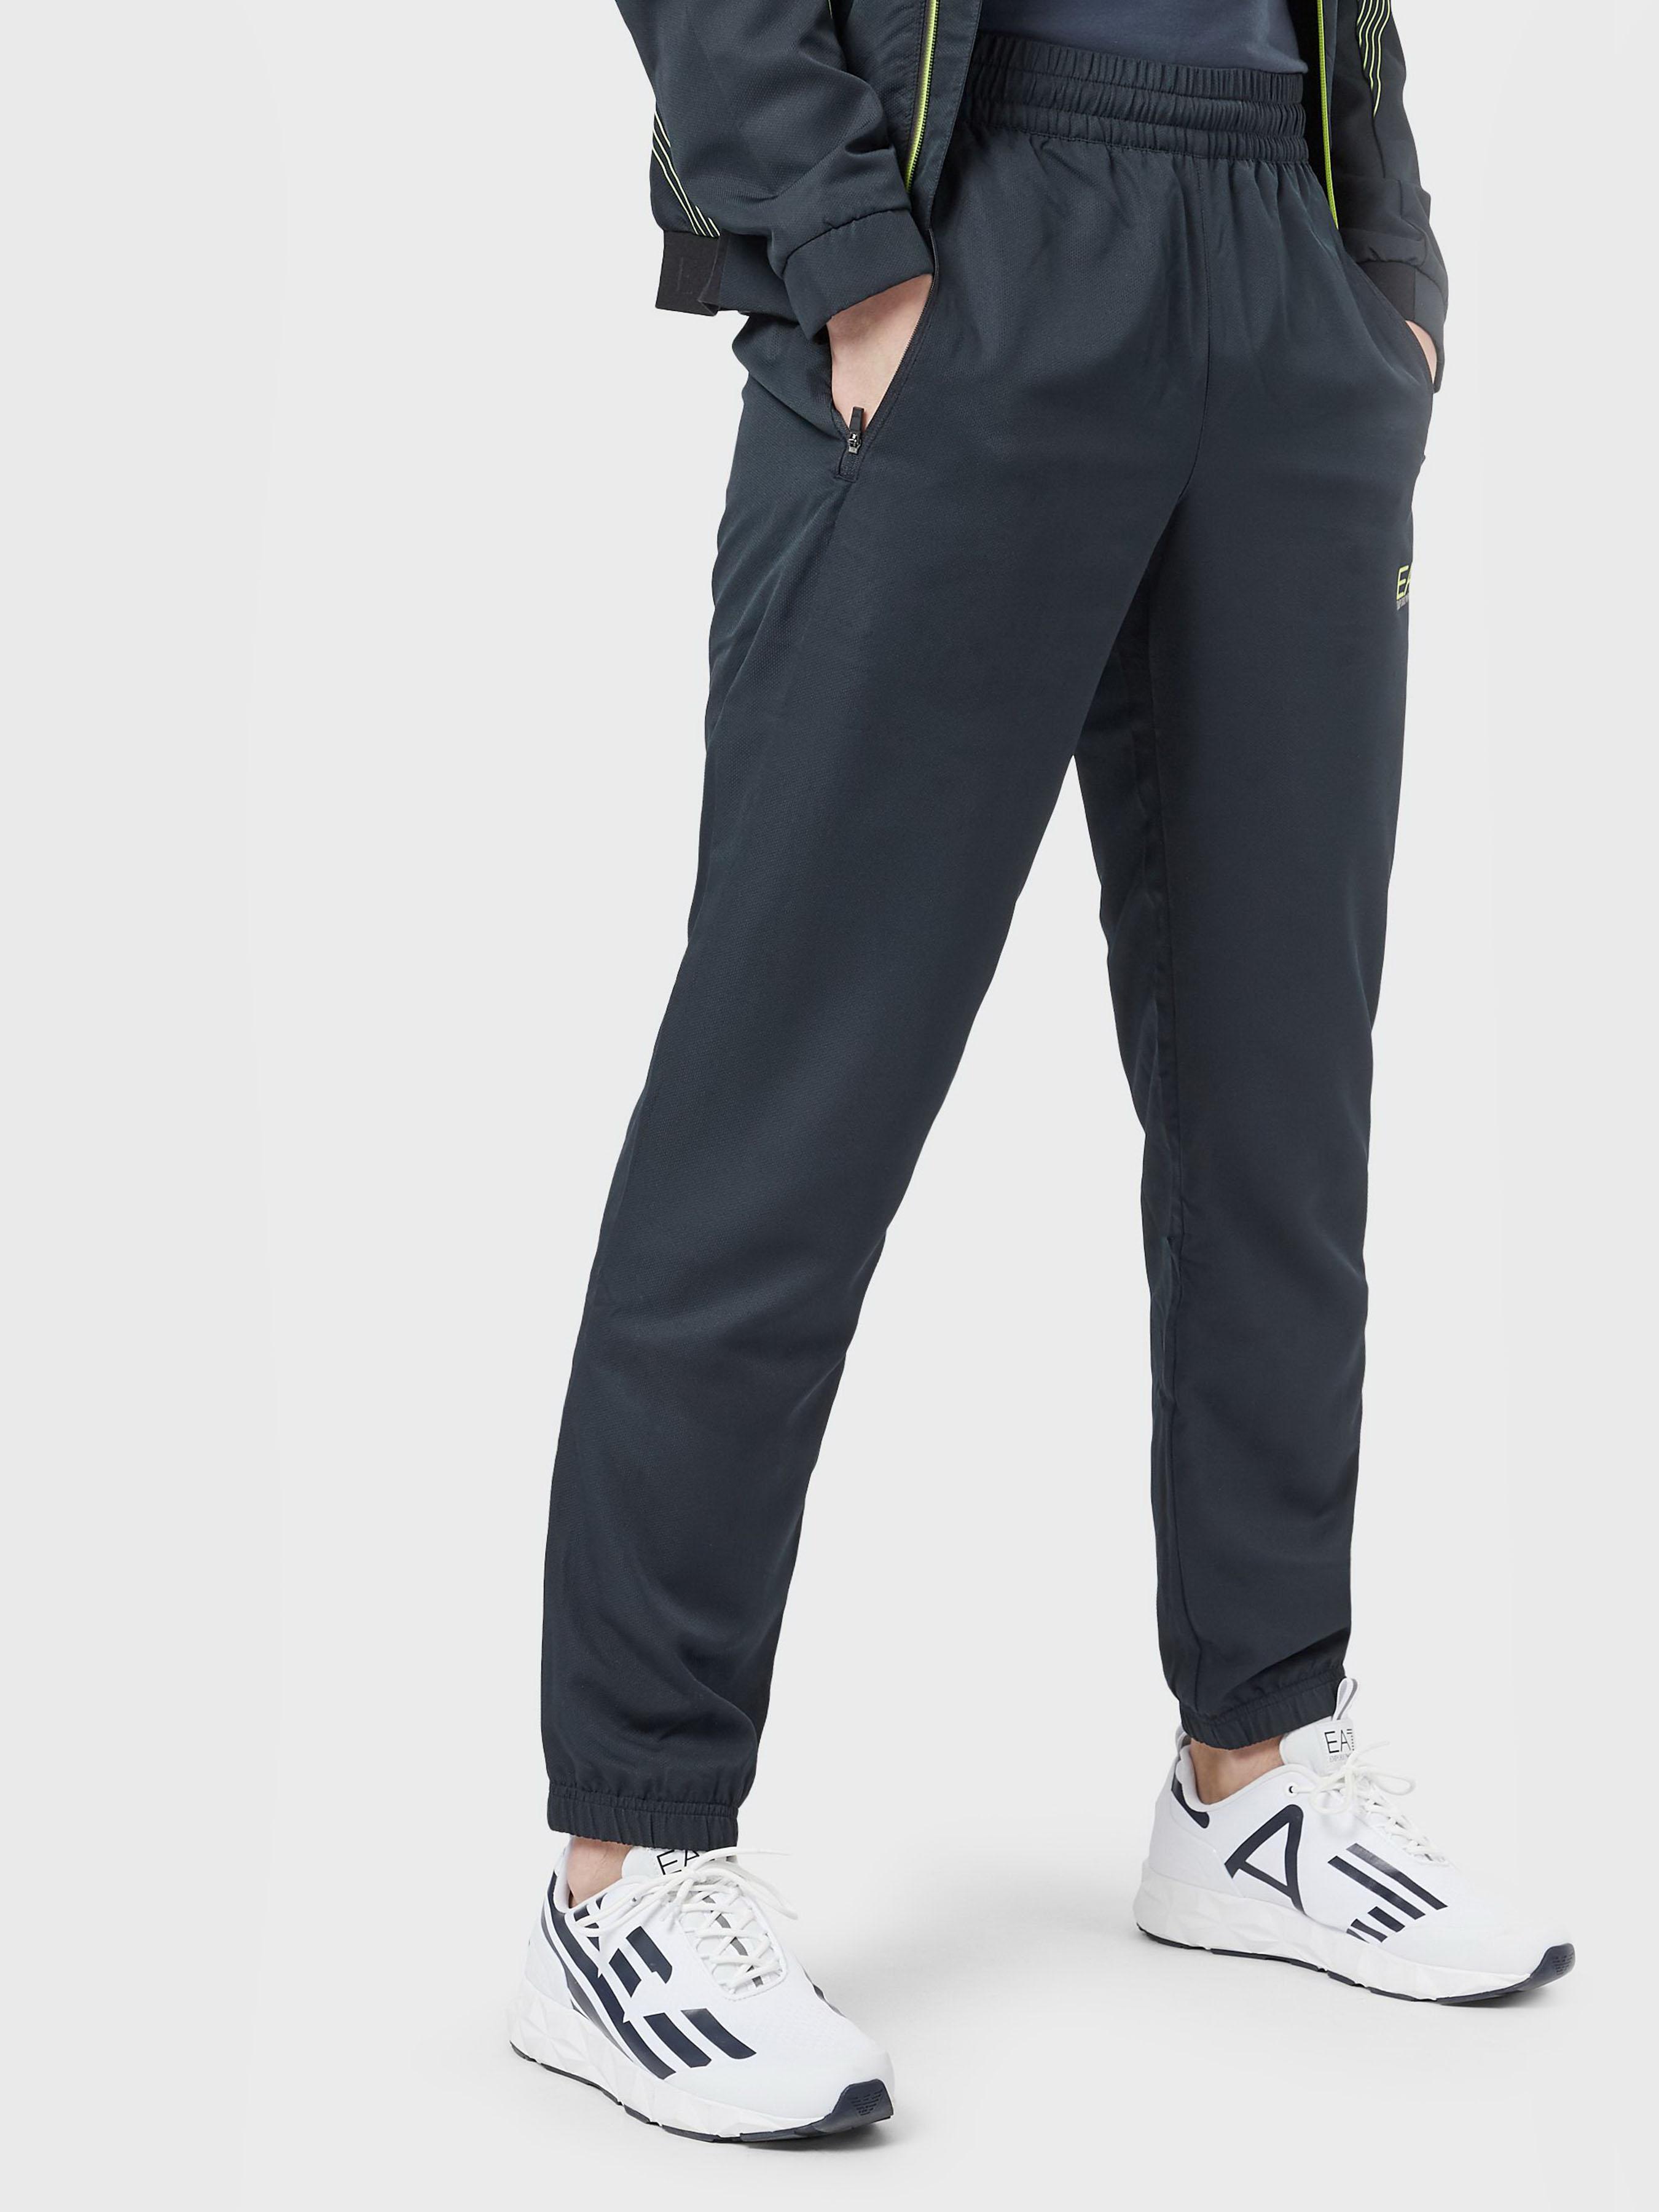 Спортивный костюм мужские EA7 модель 7O91 отзывы, 2017